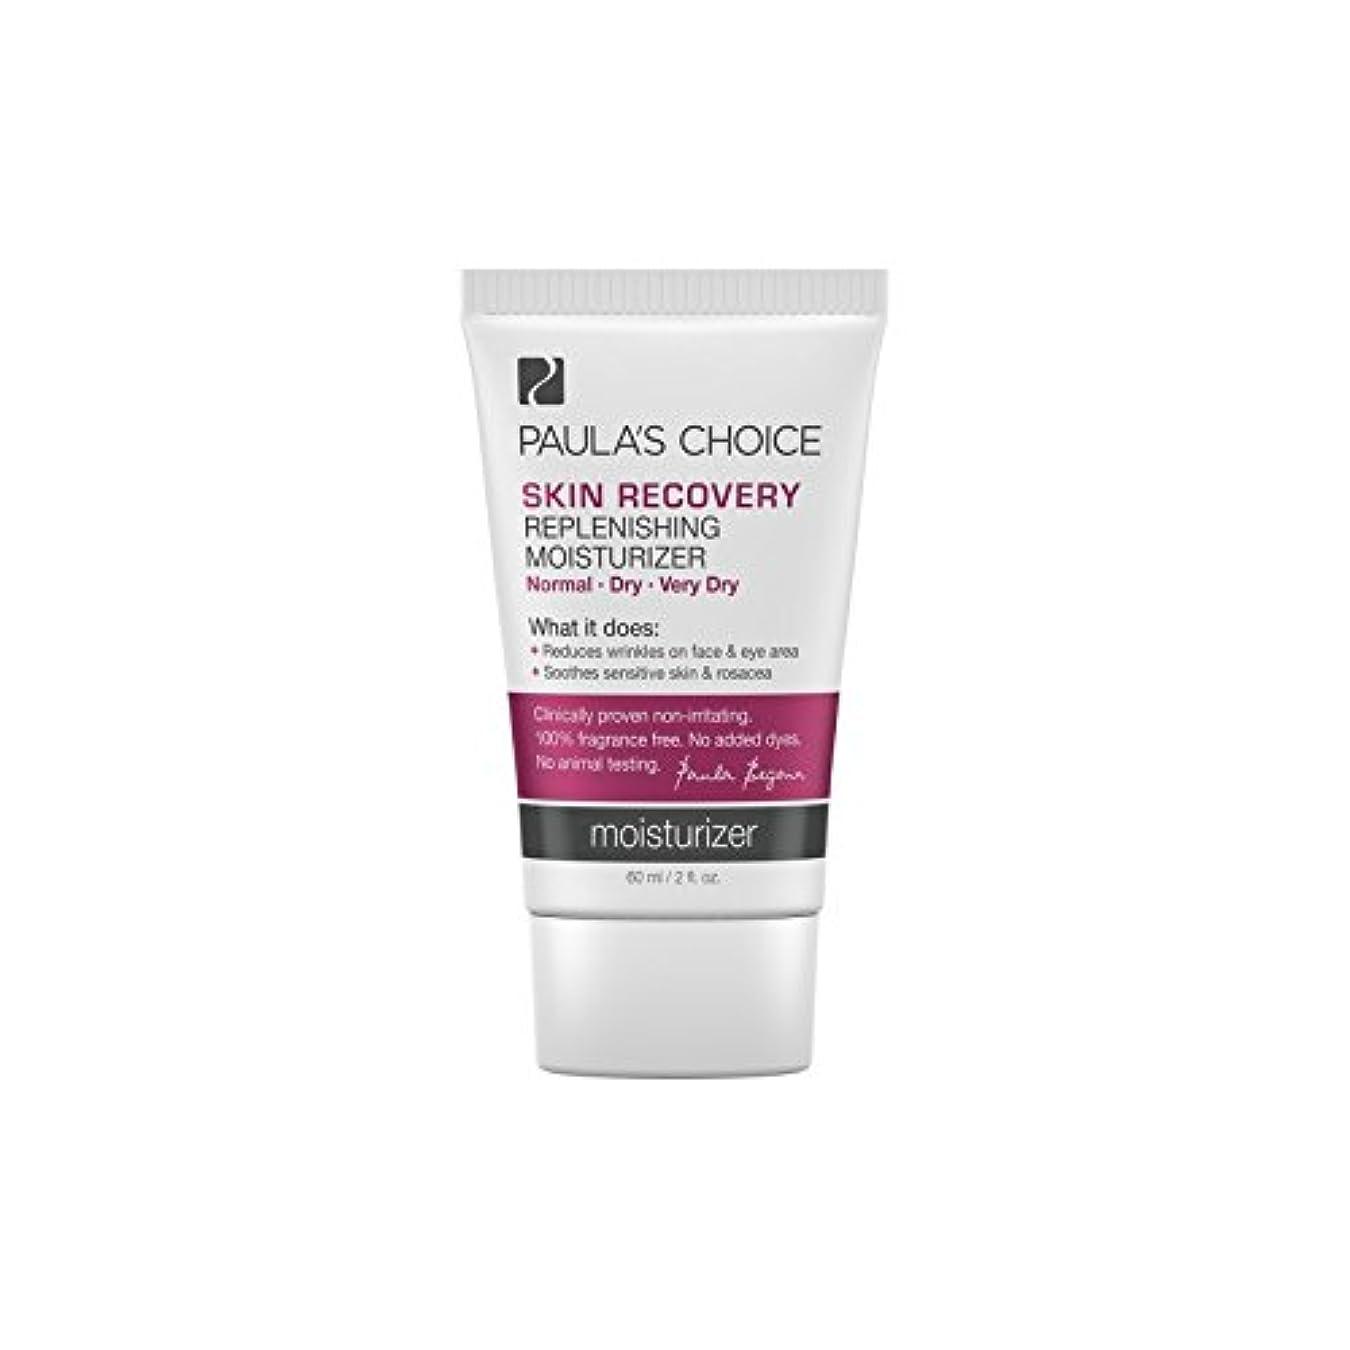 ストラトフォードオンエイボン樫の木思いつくPaula's Choice Skin Recovery Replenishing Moisturizer (60ml) - ポーラチョイスの肌の回復補充保湿(60ミリリットル) [並行輸入品]